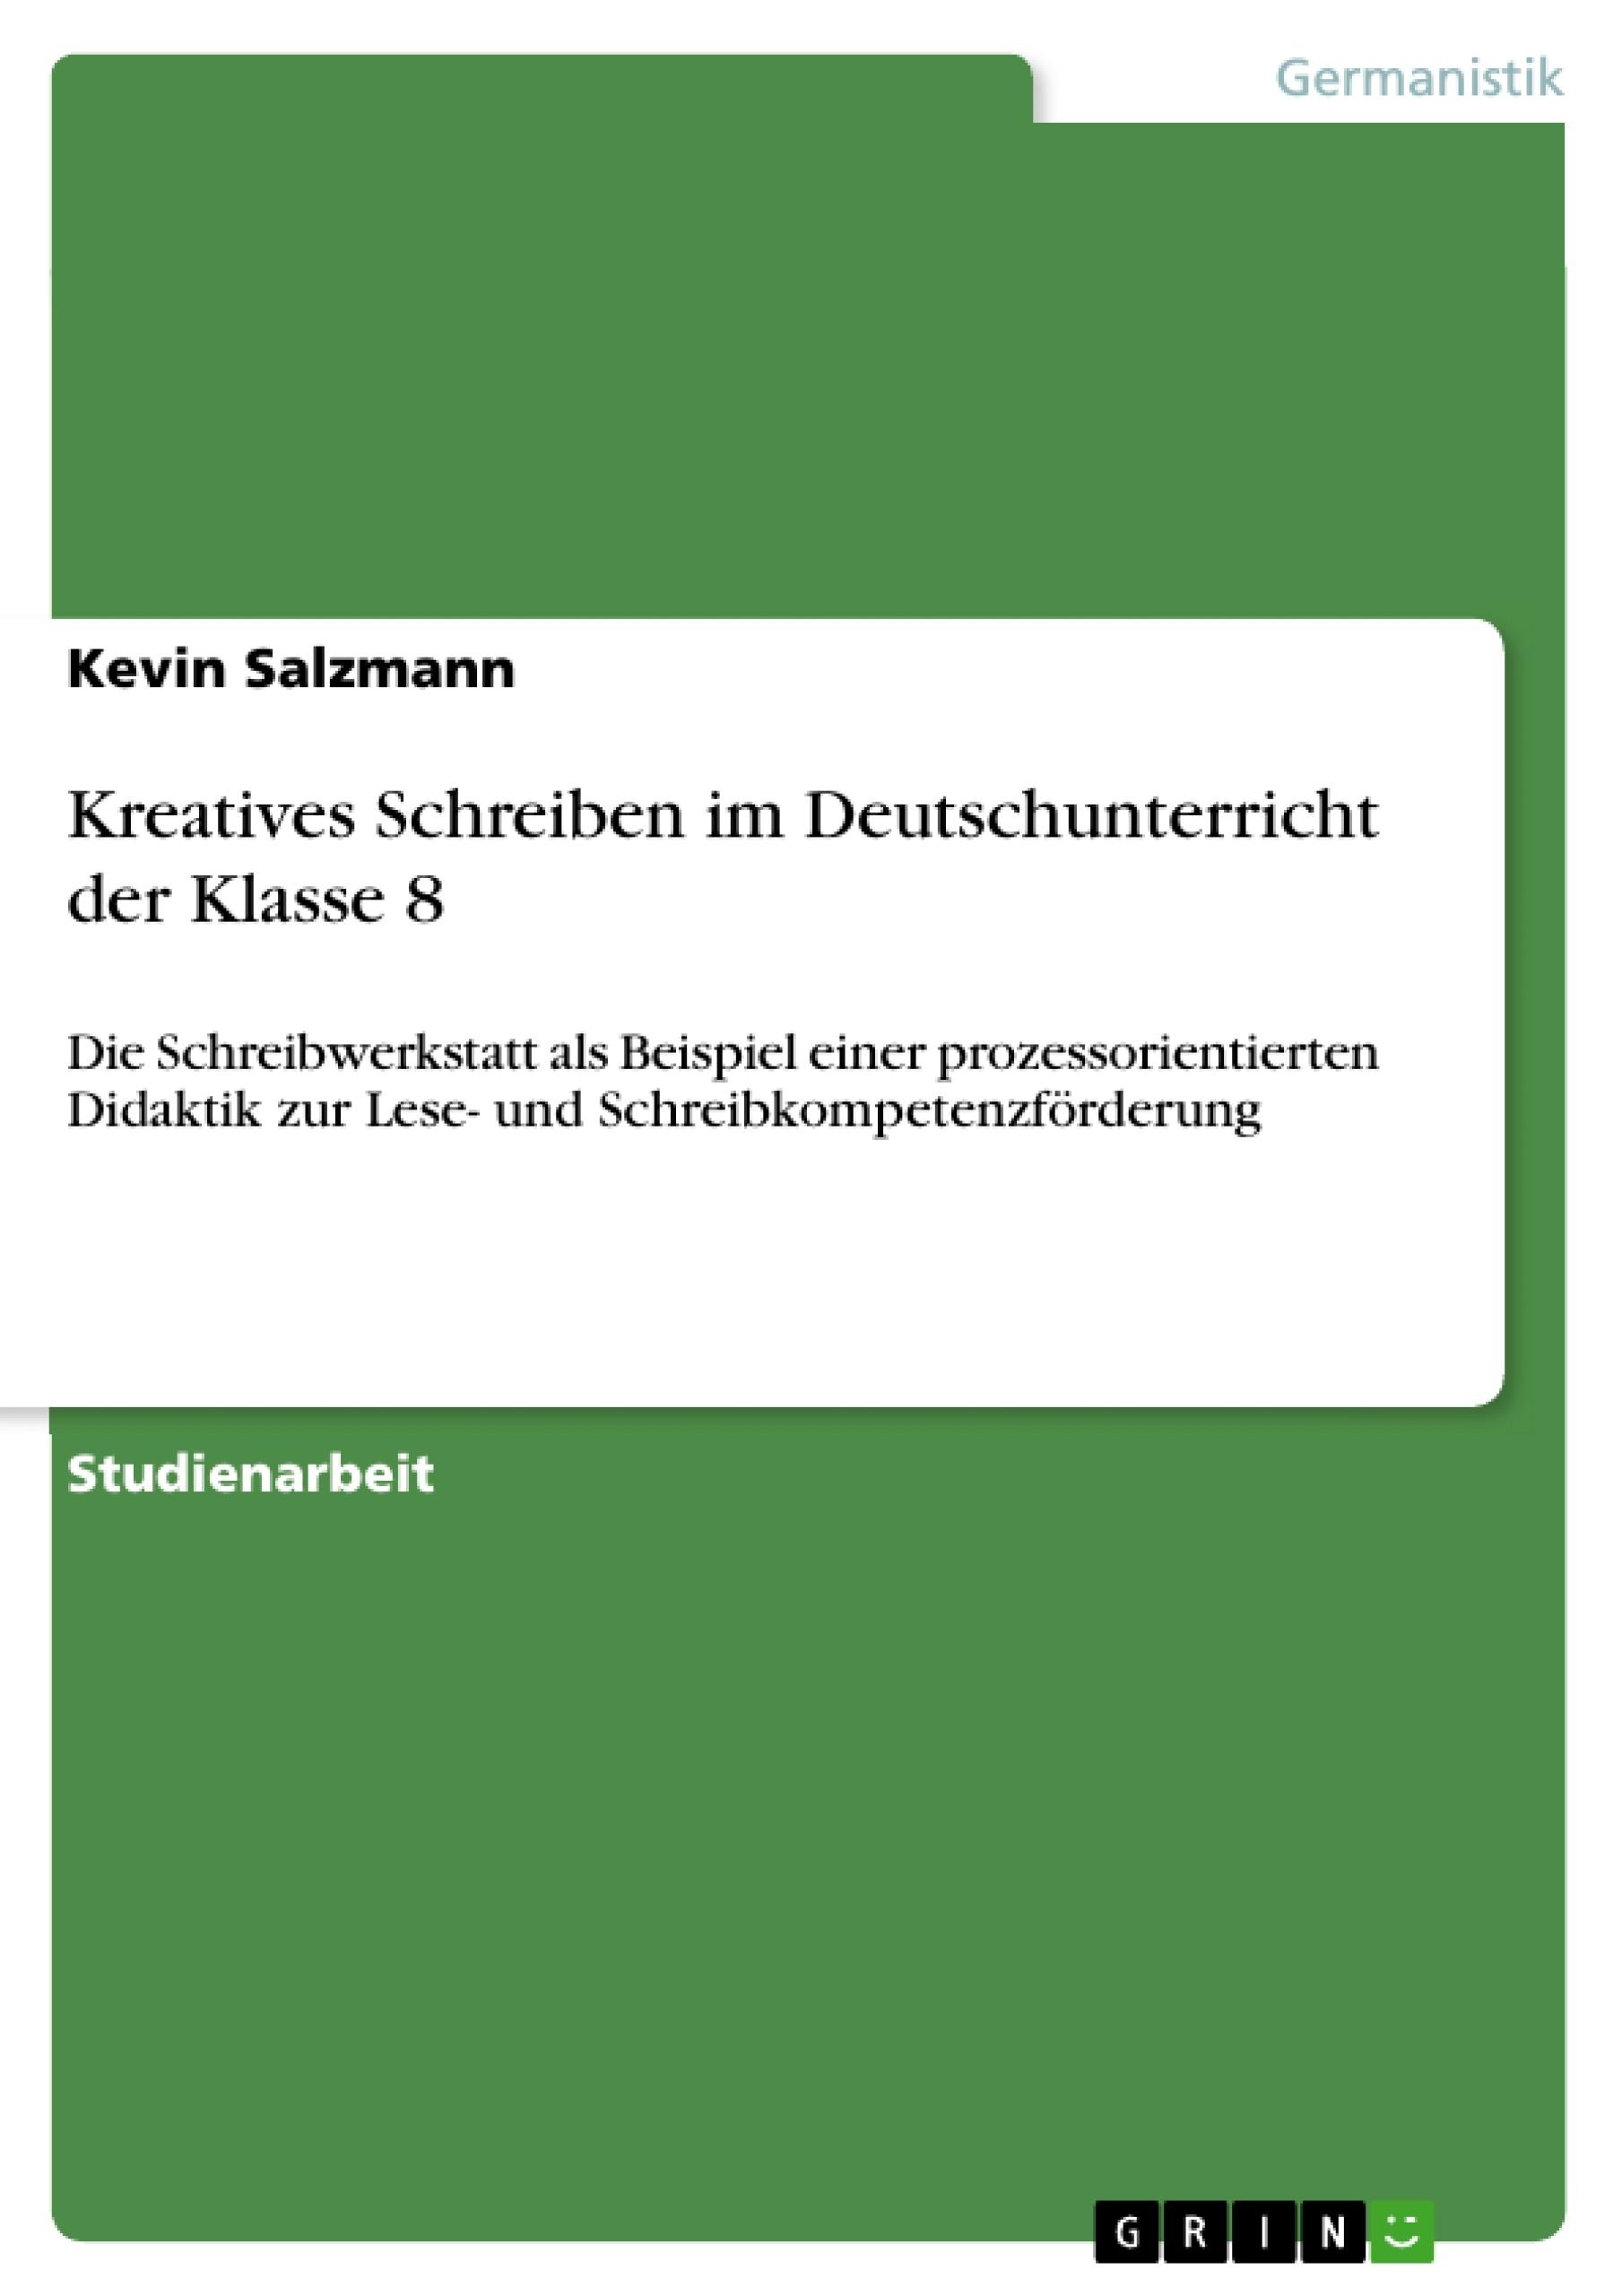 Kreatives Schreiben Im Deutschunterricht Der Klasse 8 Masterarbeit